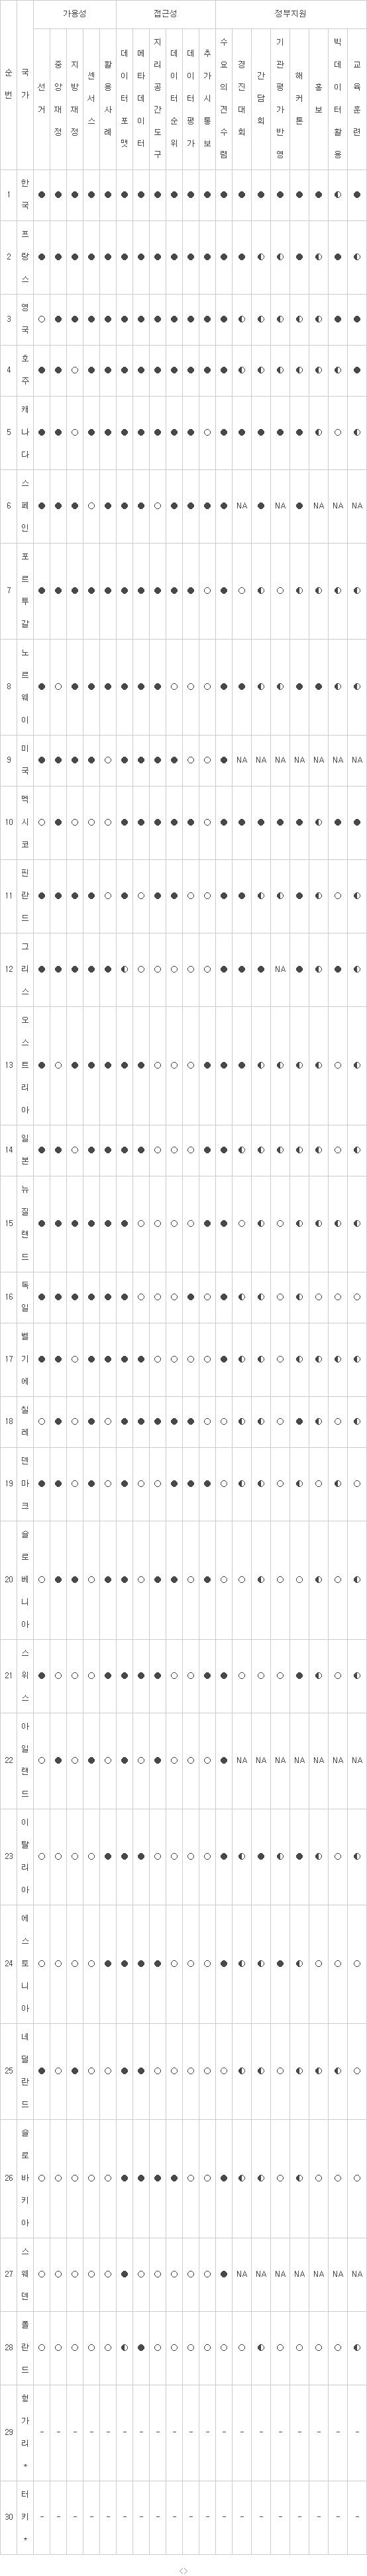 표. OECD 공공데이터 개방지수 및 회원국 현황 【범례】 ● 네/자주 ○ 아니오/없음 ◐ 가끔 NA 자료없음